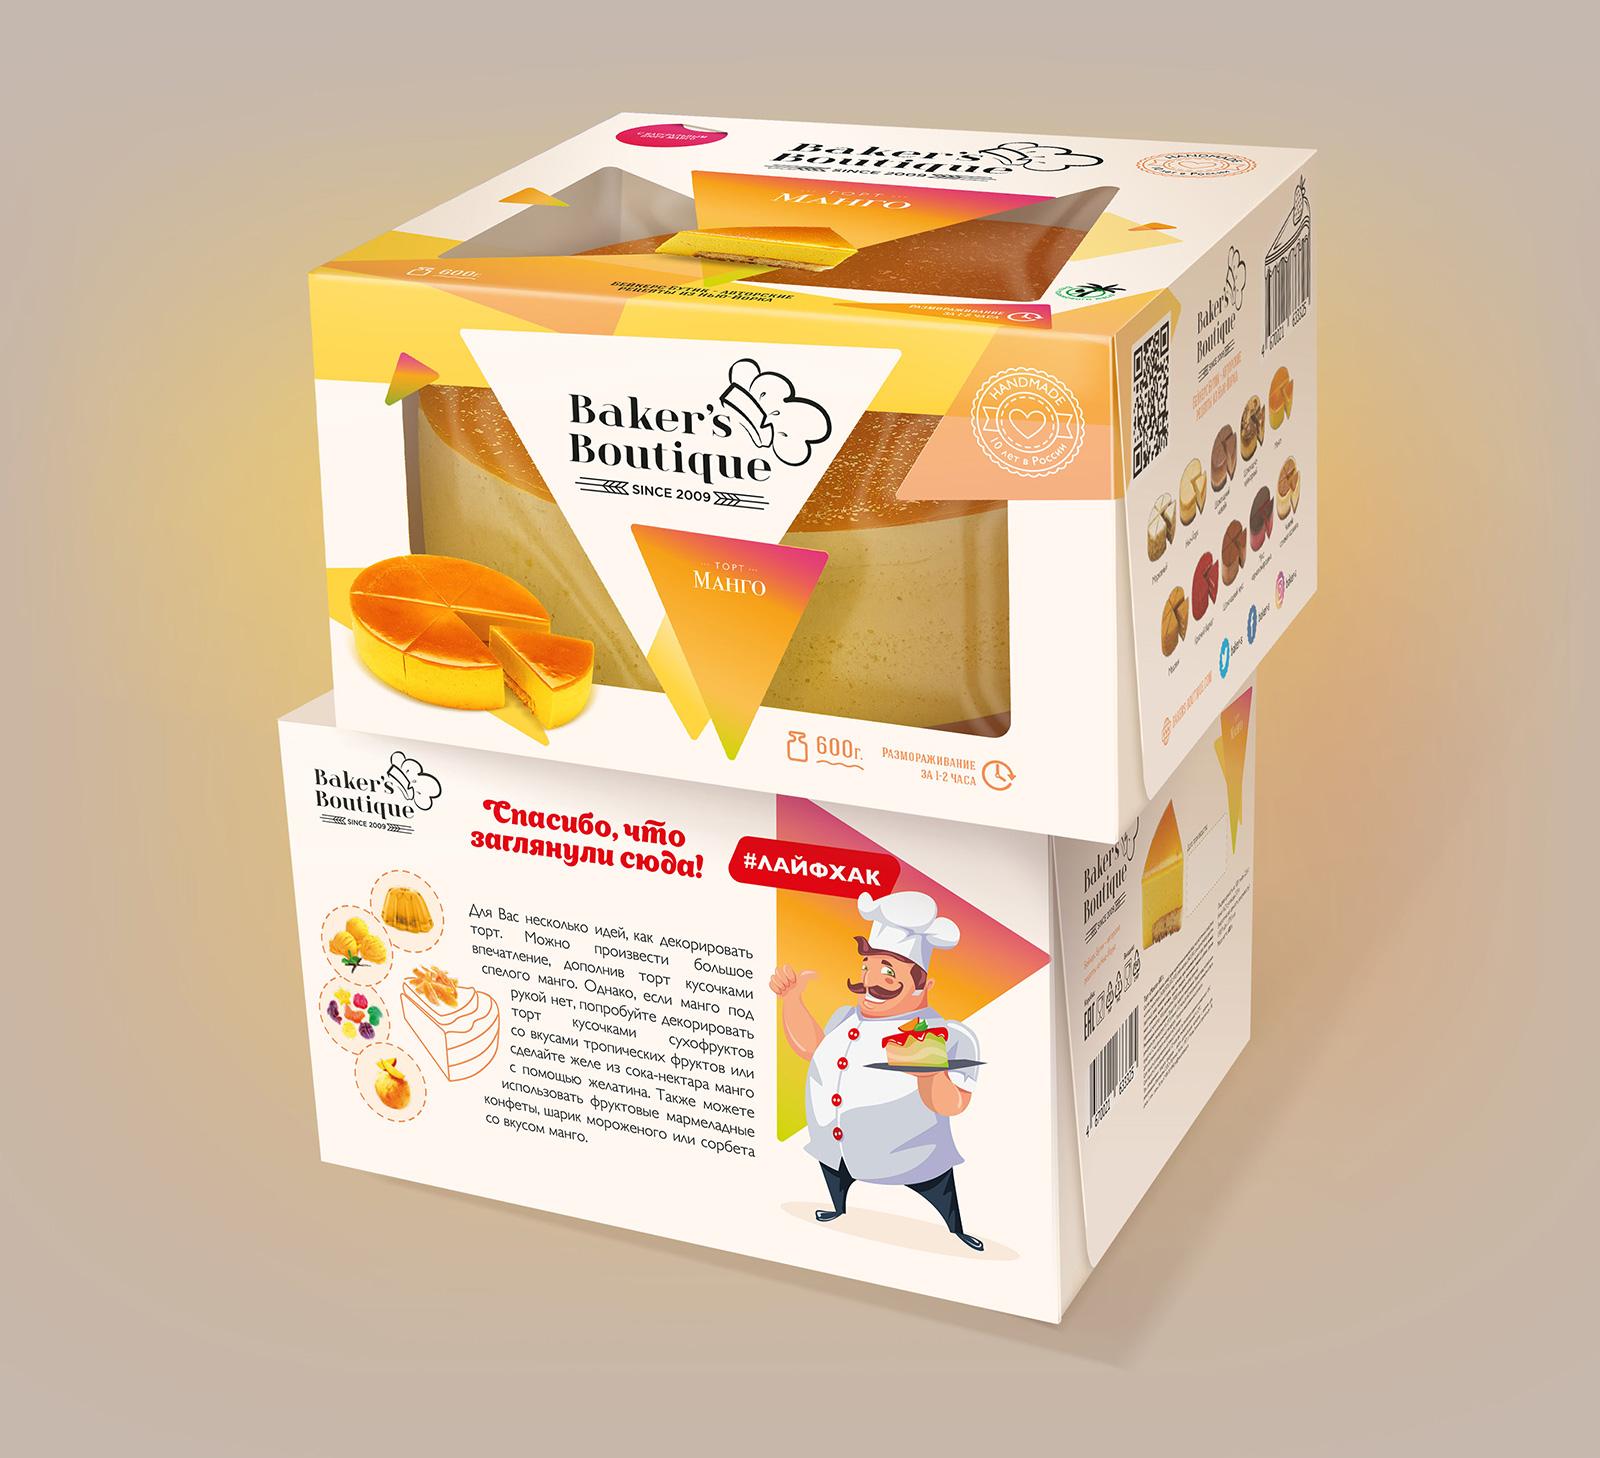 Упаковка тортов Baker's Boutique